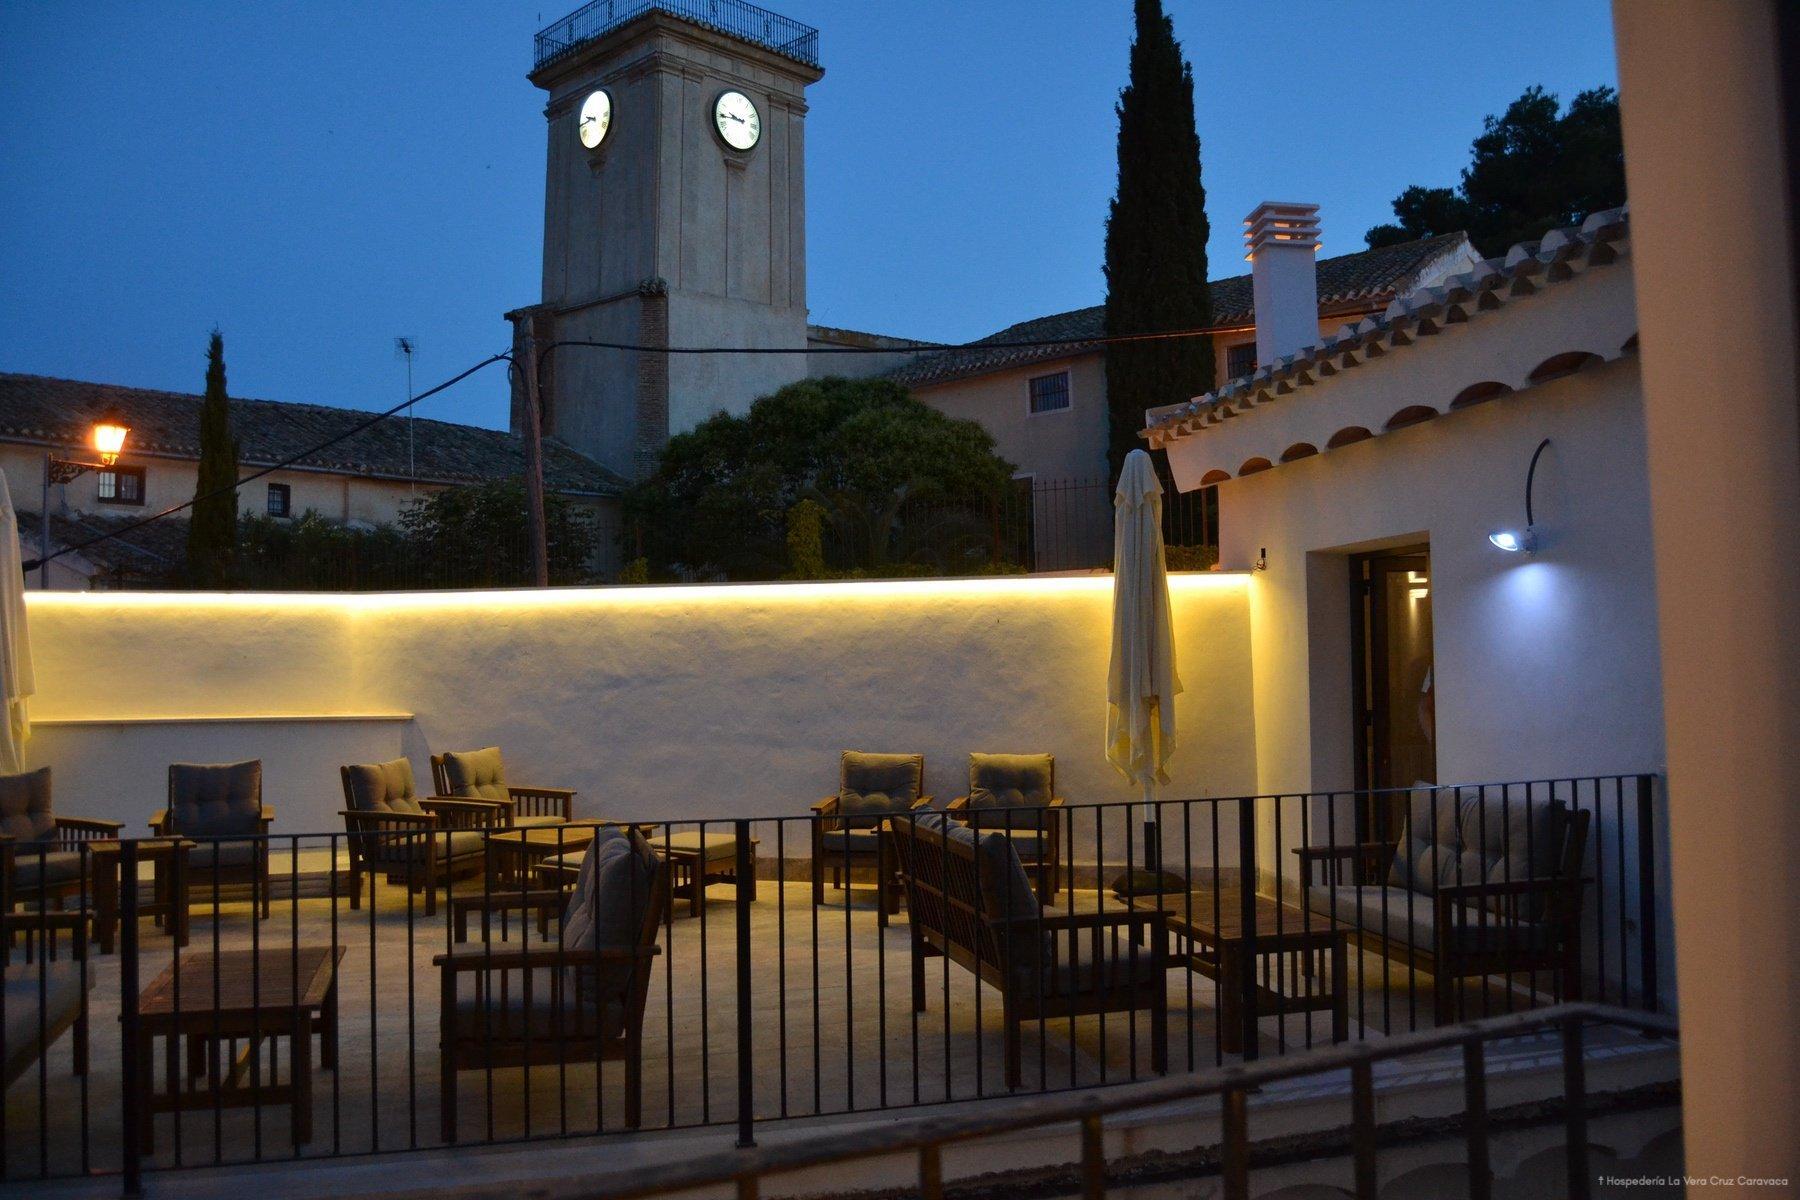 """hospederia-vera-cruz-caravaca-murcia8 Hotel Hospedería """"La Vera Cruz"""" de Caravaca"""